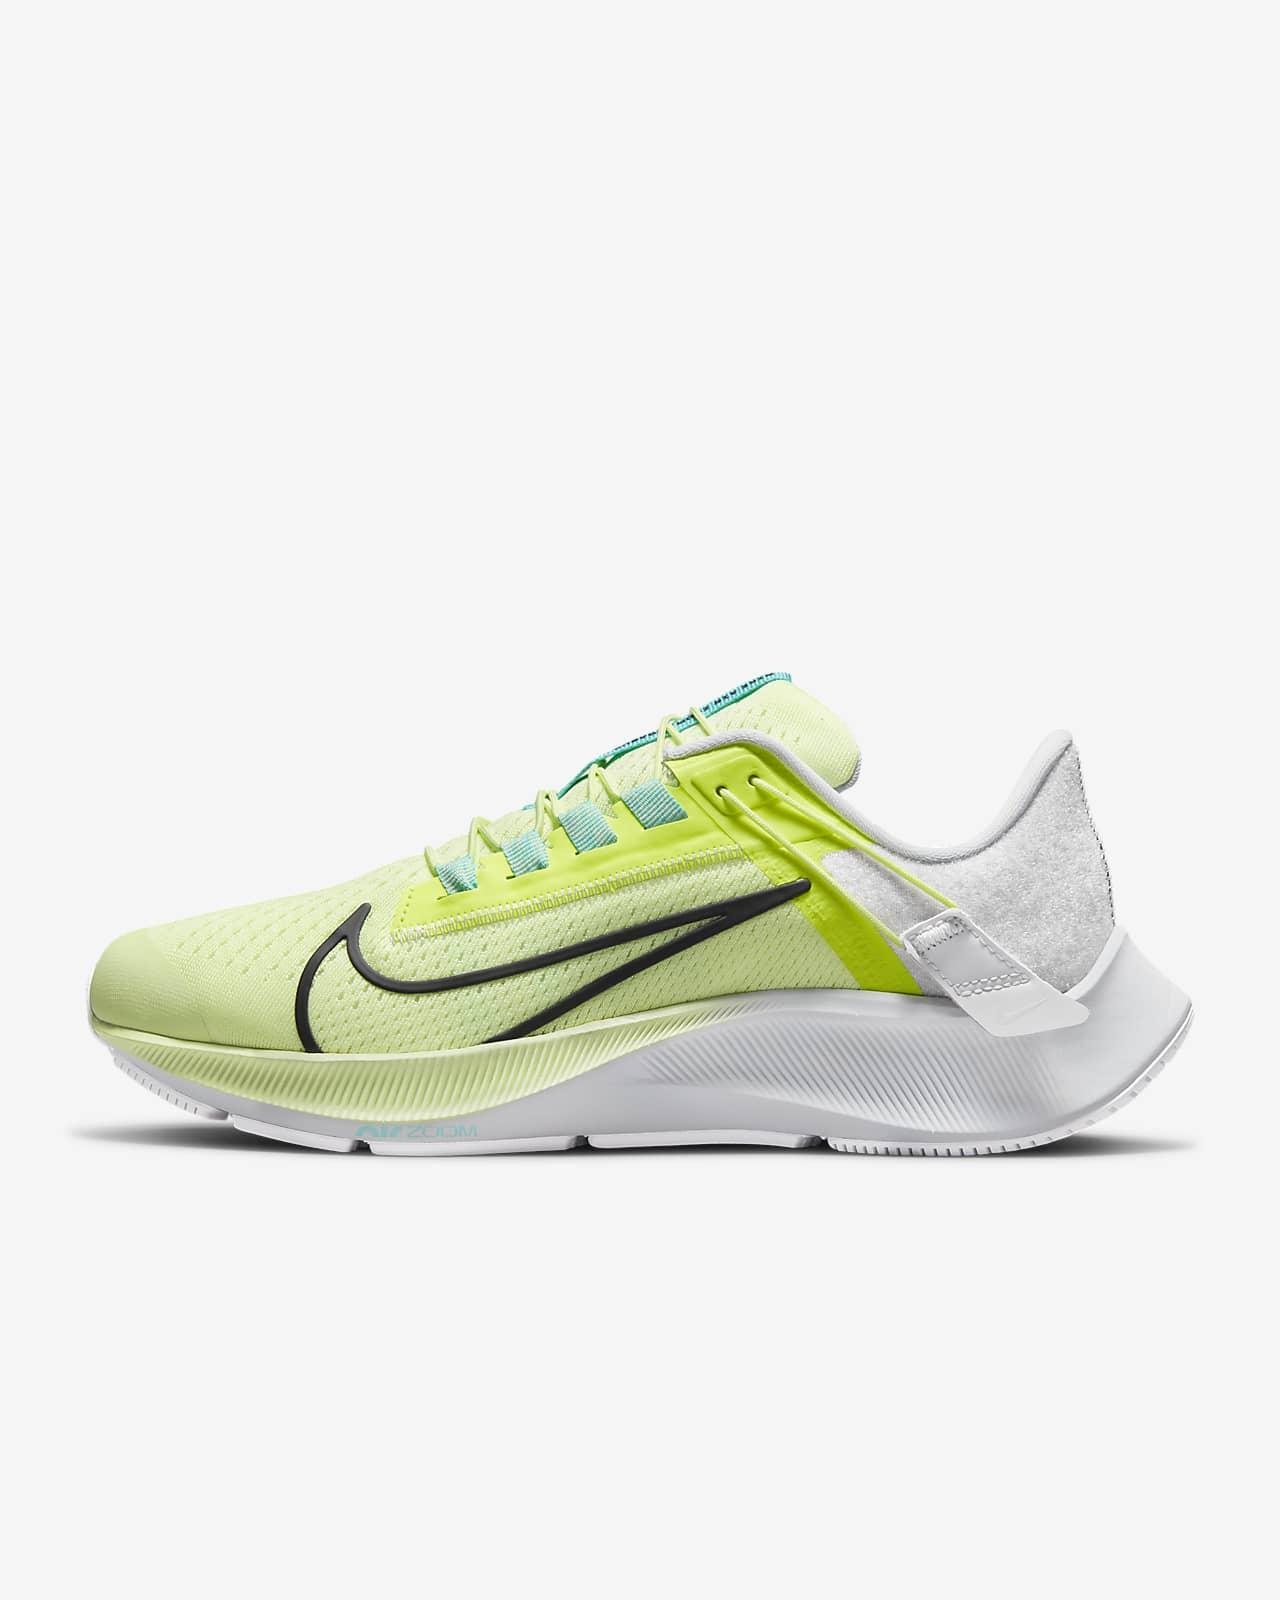 Γυναικείο παπούτσι για τρέξιμο σε δρόμο με εύκολη εφαρμογή/αφαίρεση Nike Air Zoom Pegasus 38 FlyEase